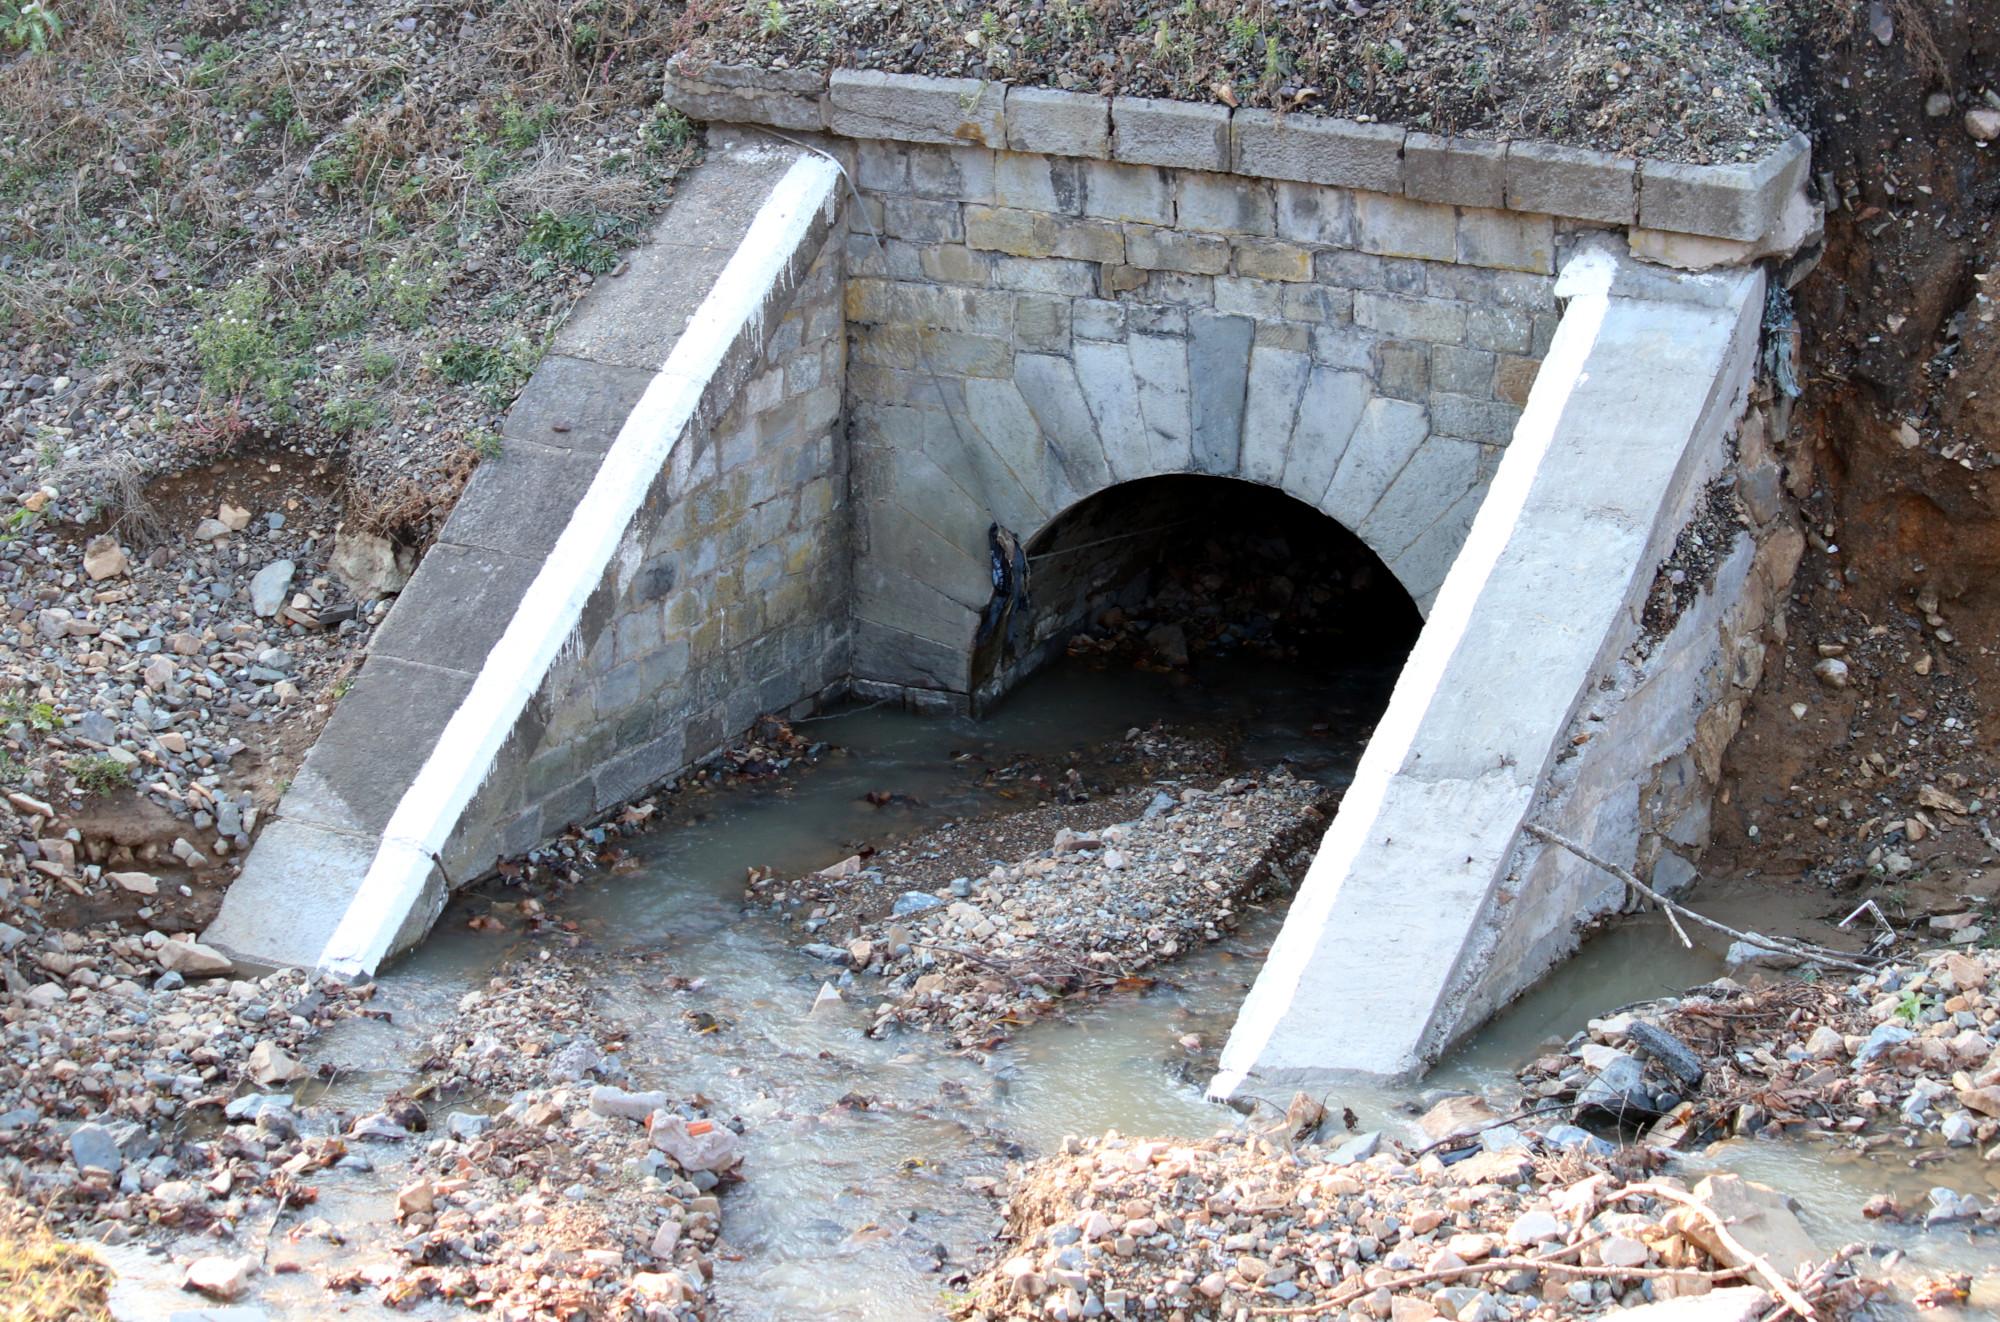 водопропускная труба под железной дорогой, дренаж, водоток, ручей, вода